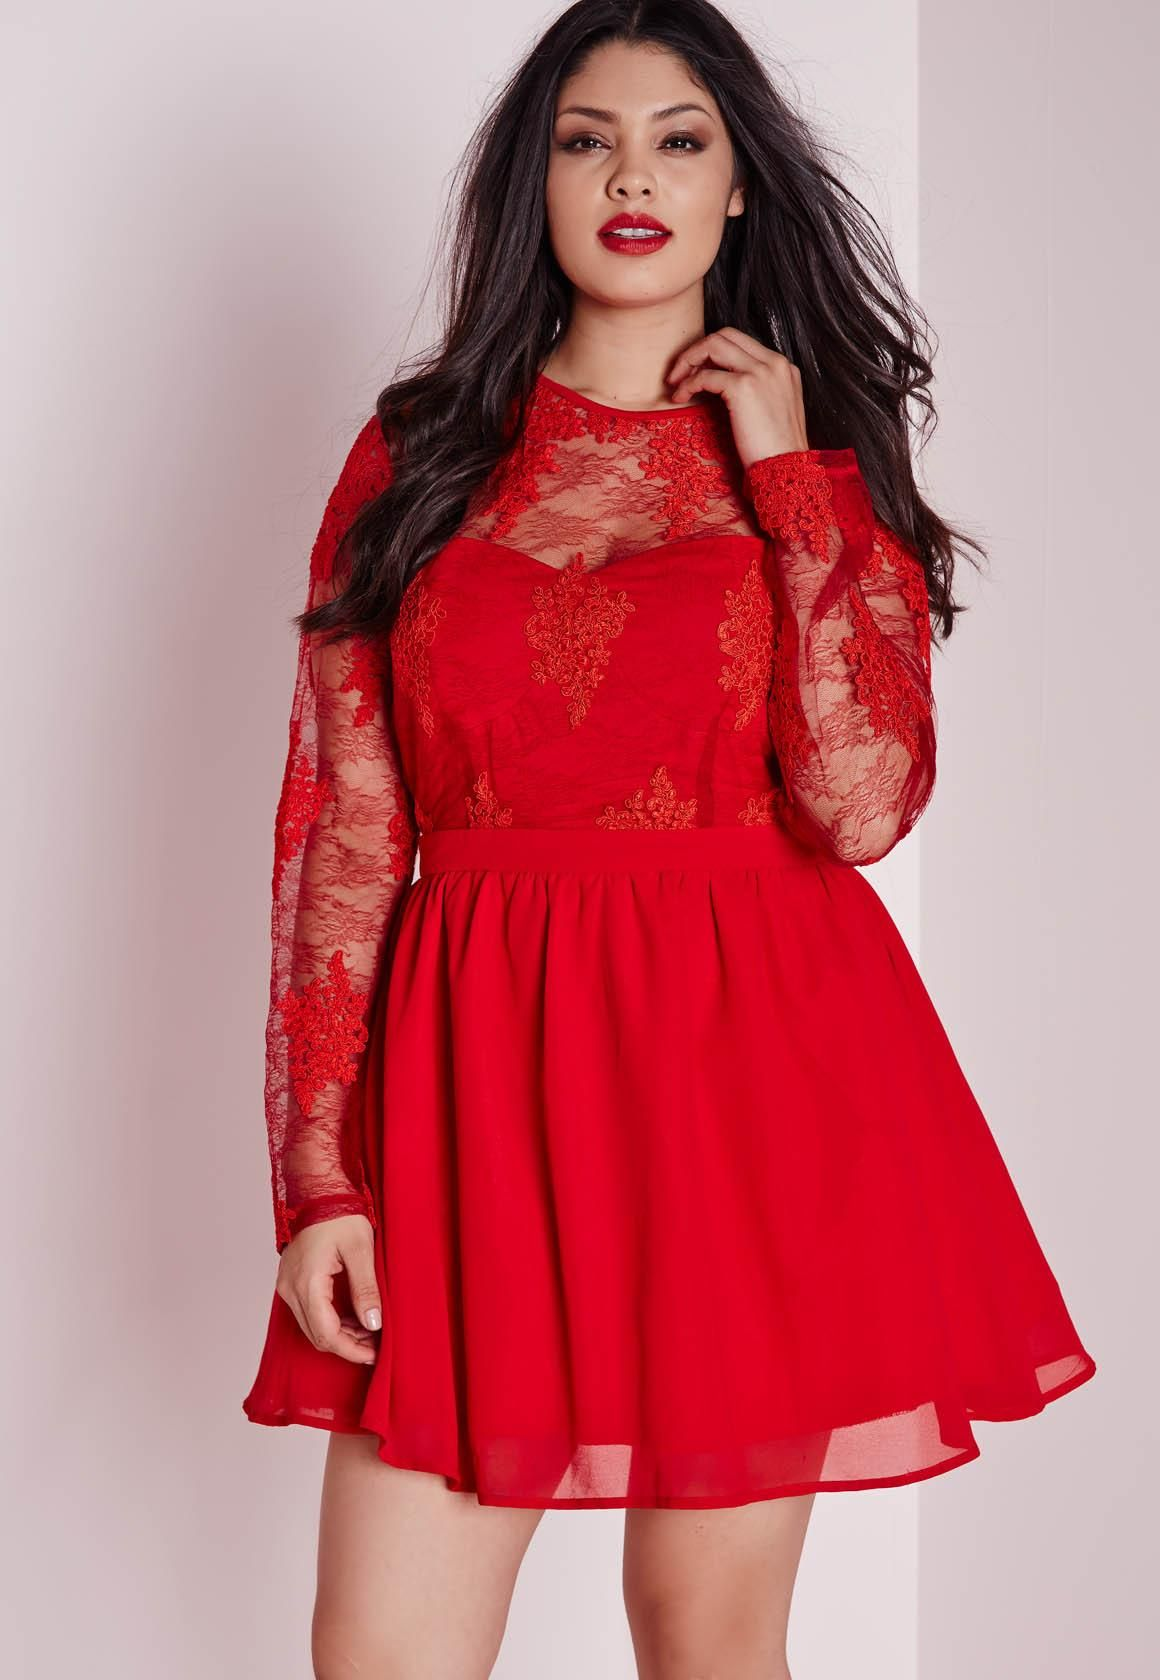 Plus Size Lace Prom Dress Red - Plus Size - Plus Size Dresses ...